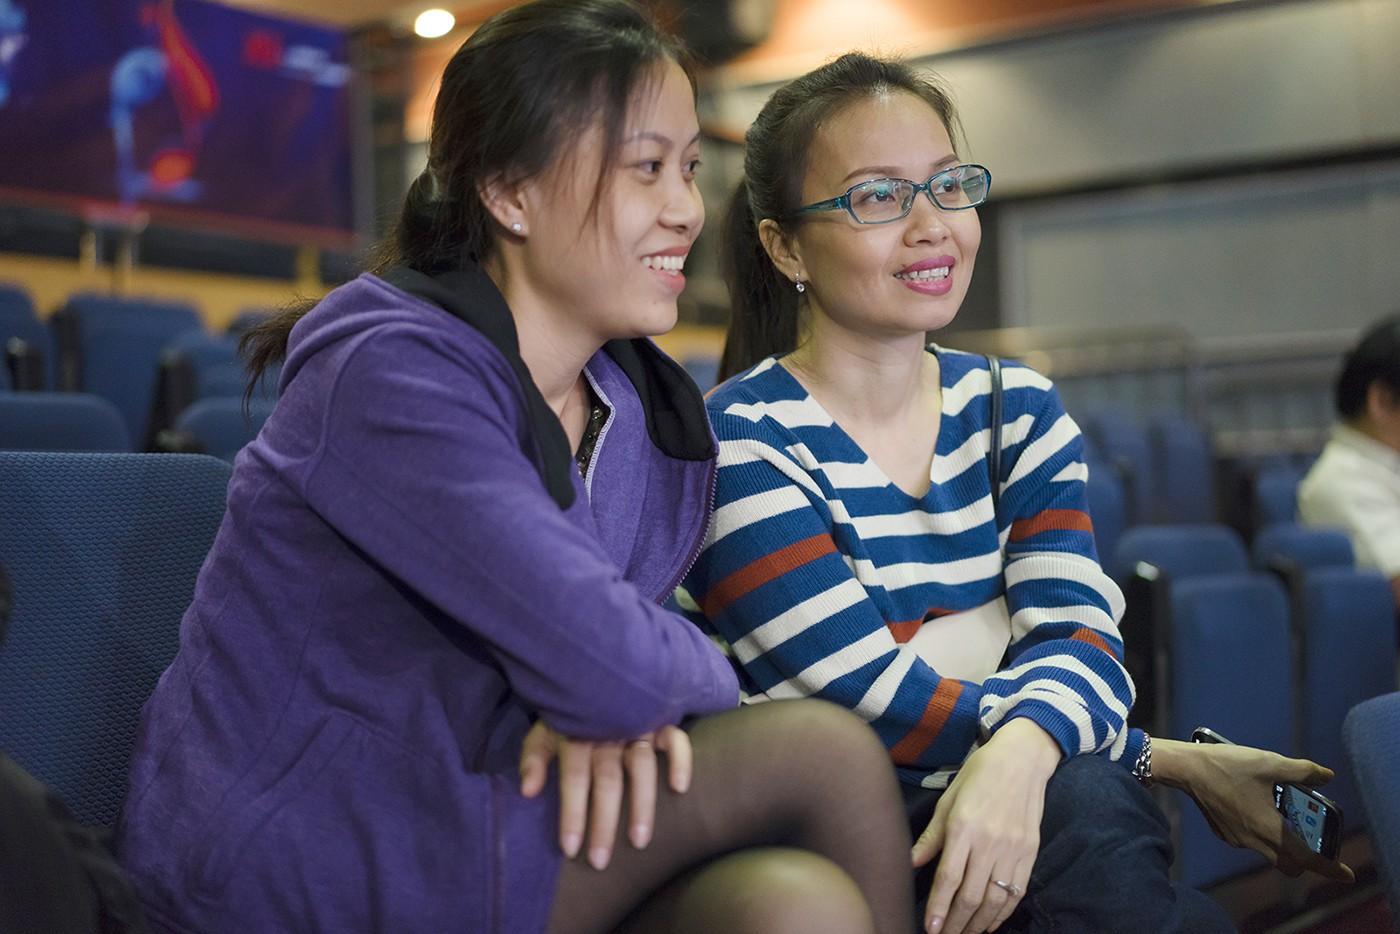 Có khối tài sản không phải dạng vừa nhưng những sao Việt này lại được yêu mến bởi lối sống giản dị-15